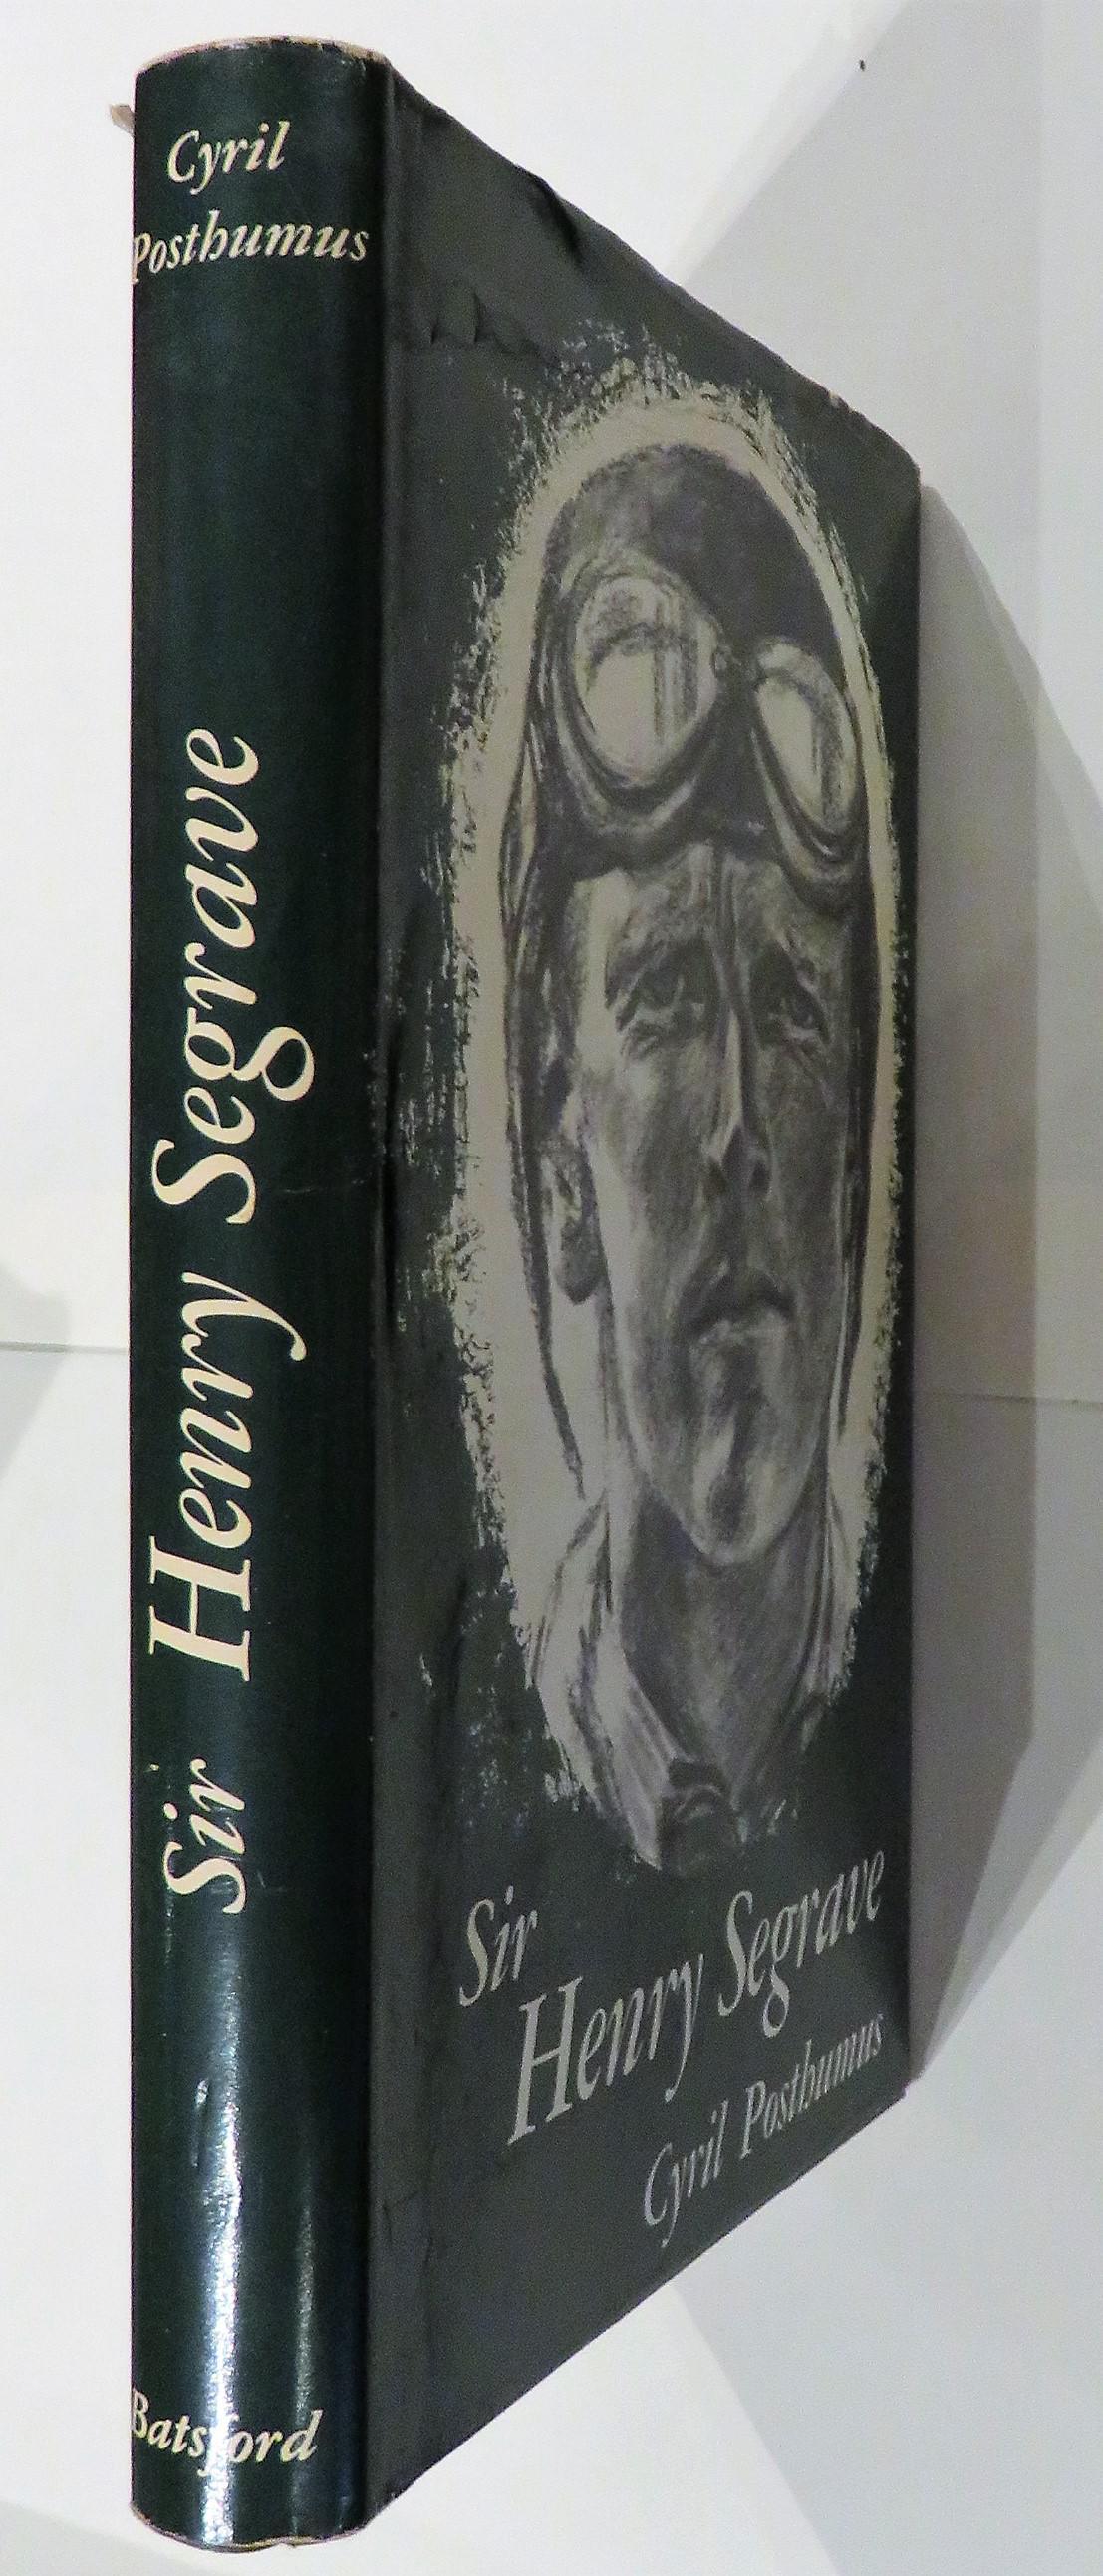 Sir Henry Segrave